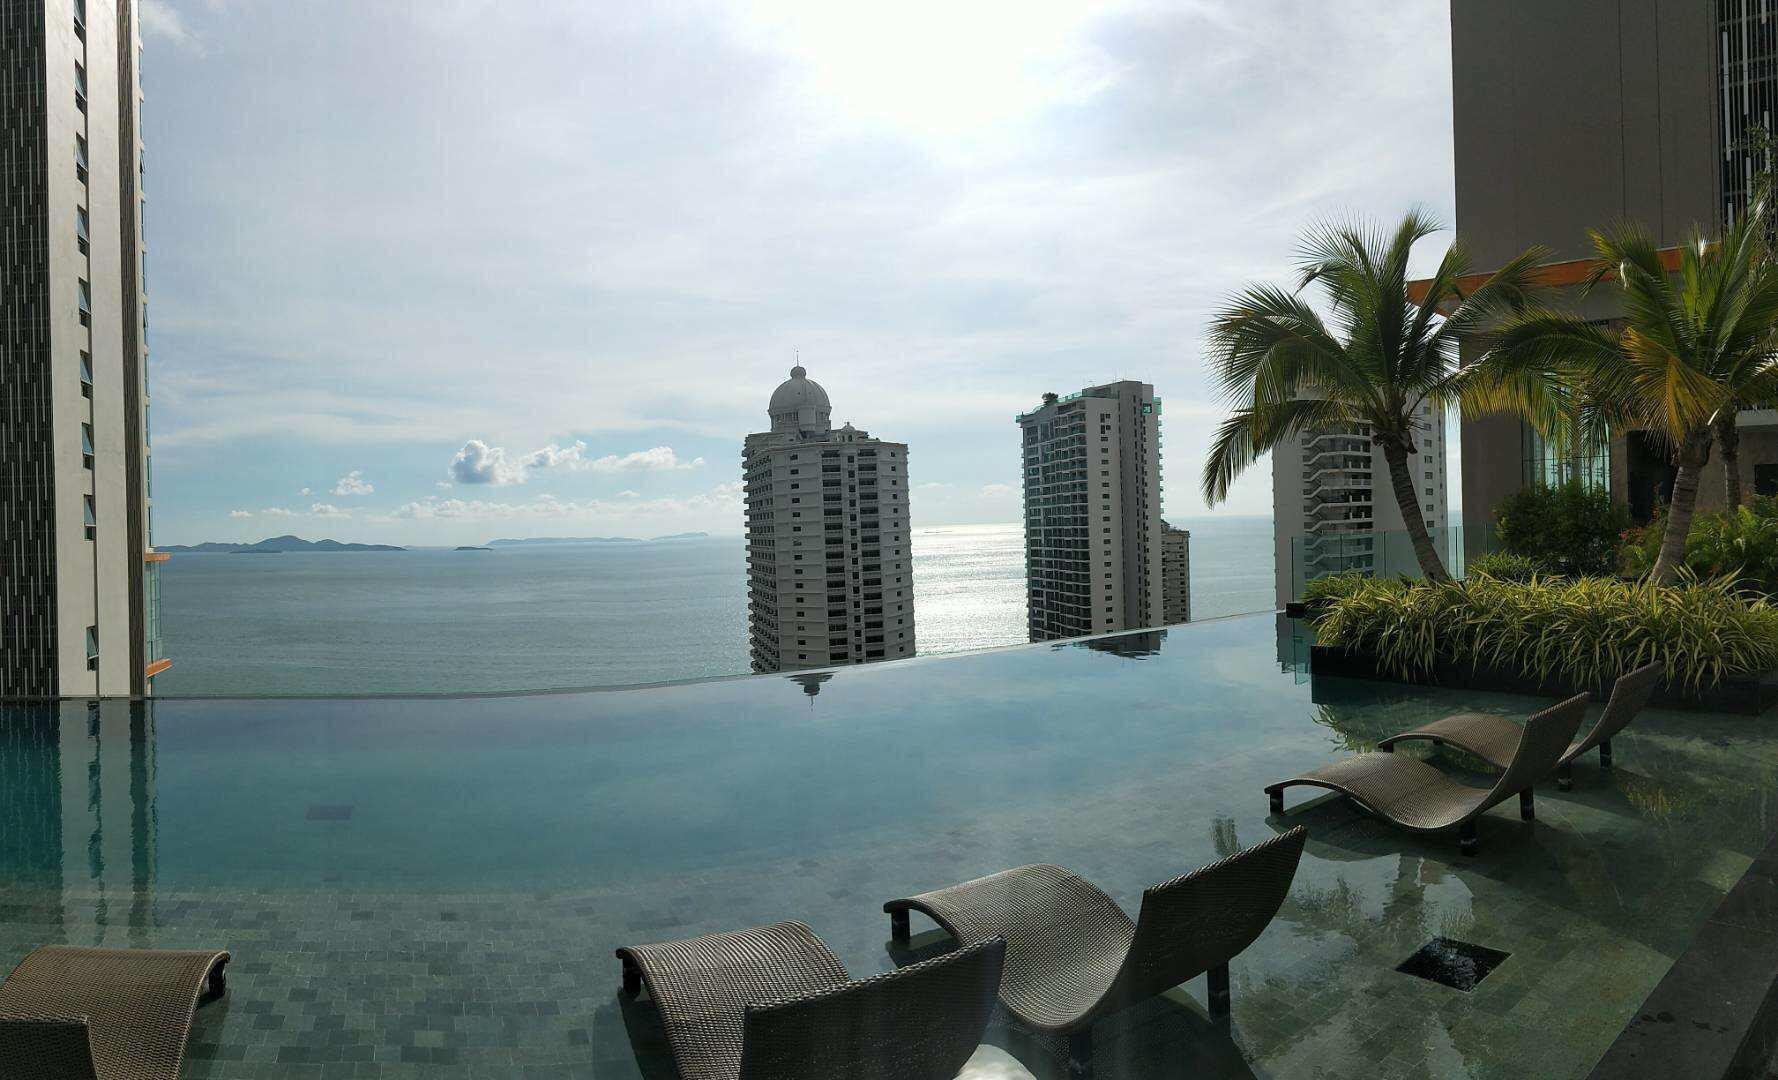 Riviera Wongamat Beach Condominium